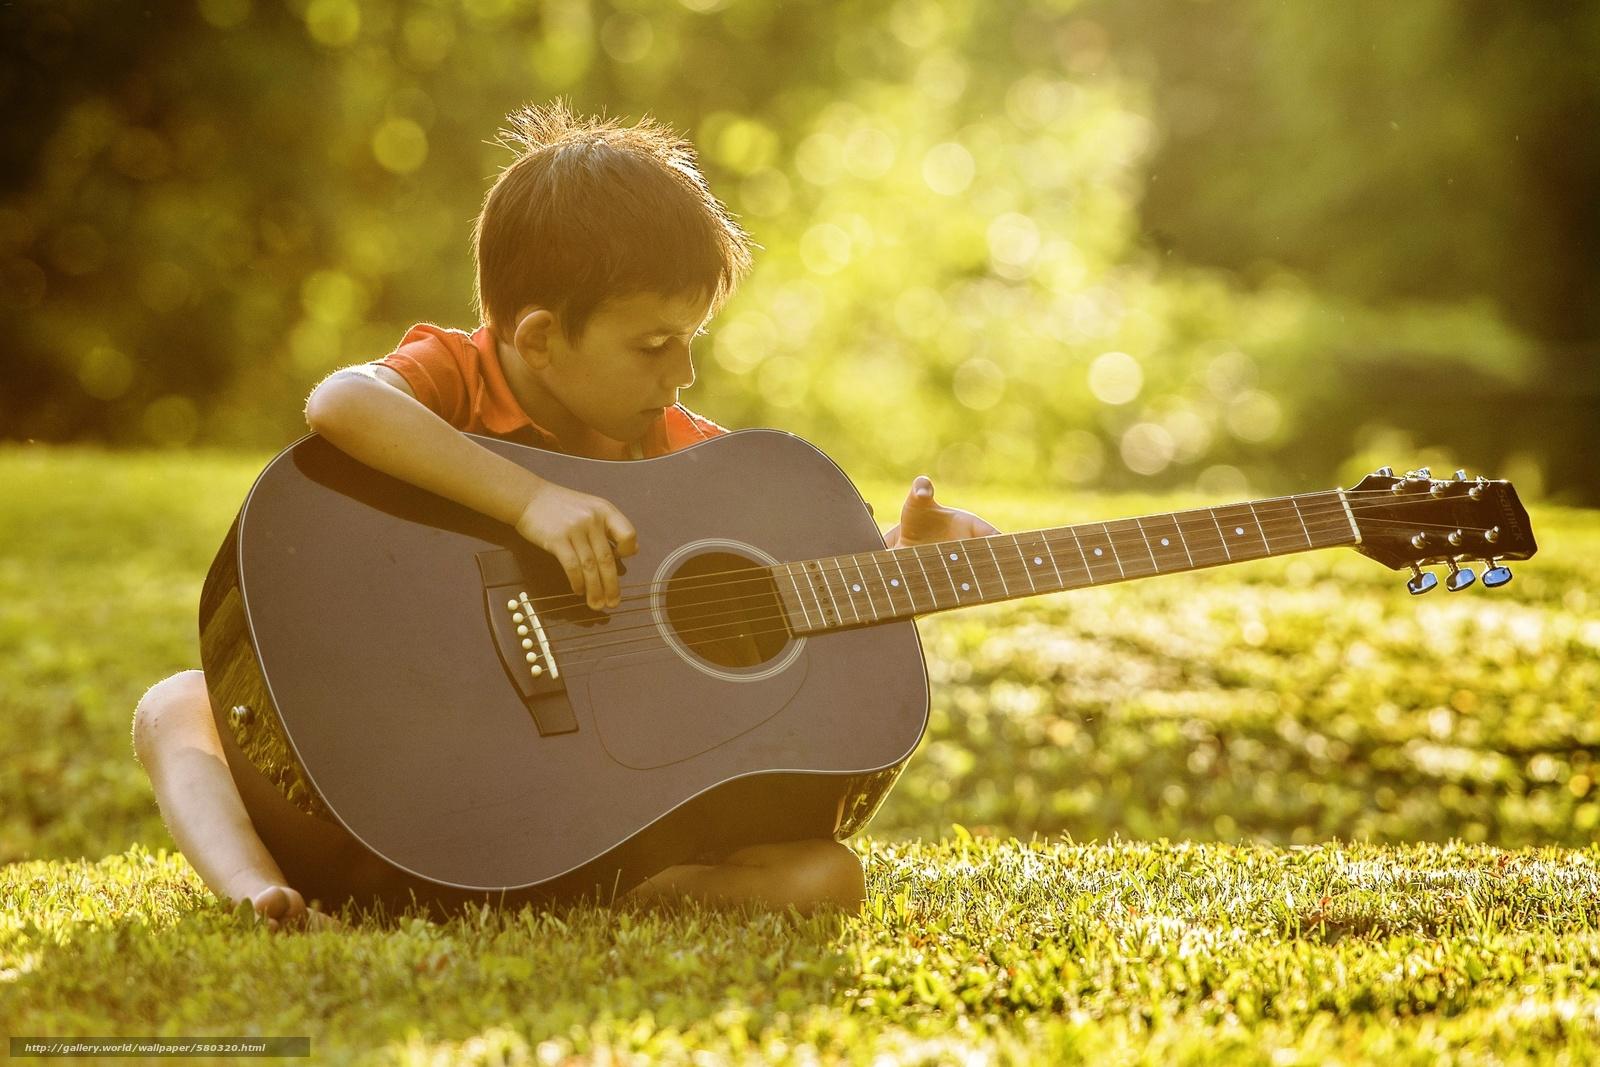 tlcharger fond d 39 ecran gar on musique guitare fonds d 39 ecran gratuits pour votre rsolution du. Black Bedroom Furniture Sets. Home Design Ideas